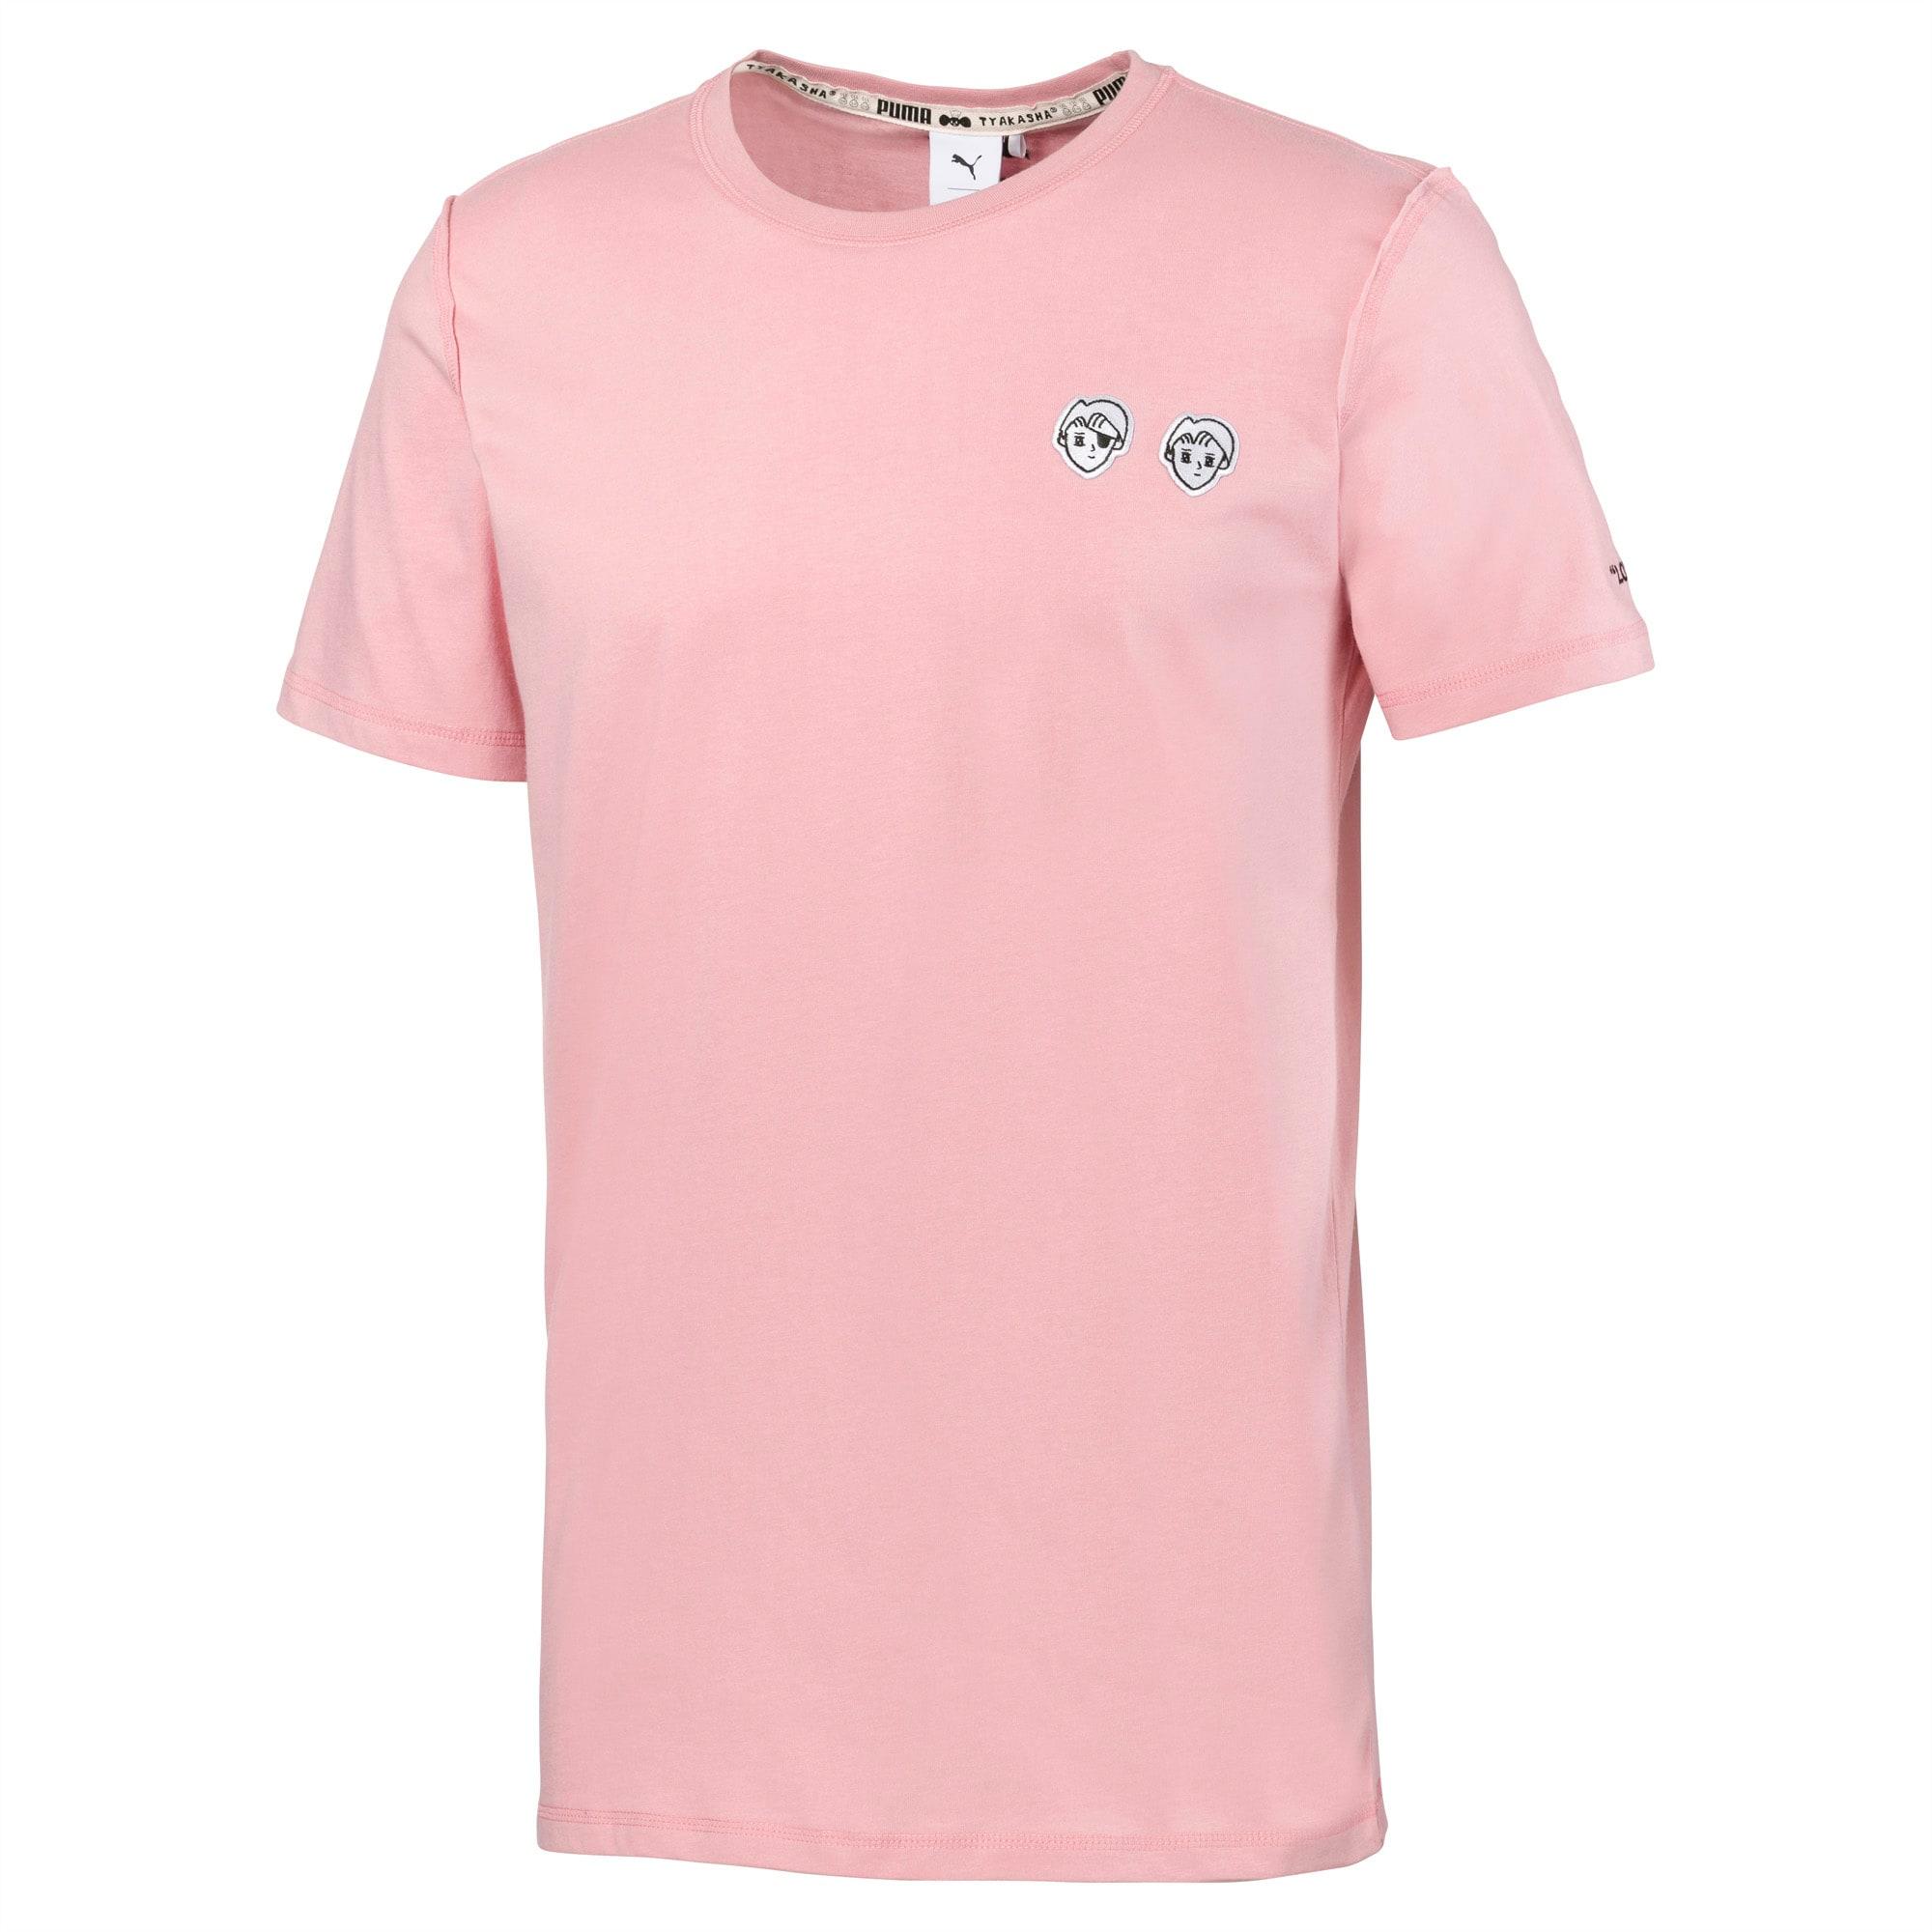 PUMA x TYAKASHA T Shirt Daffodil | Puma T Shirts & Tops